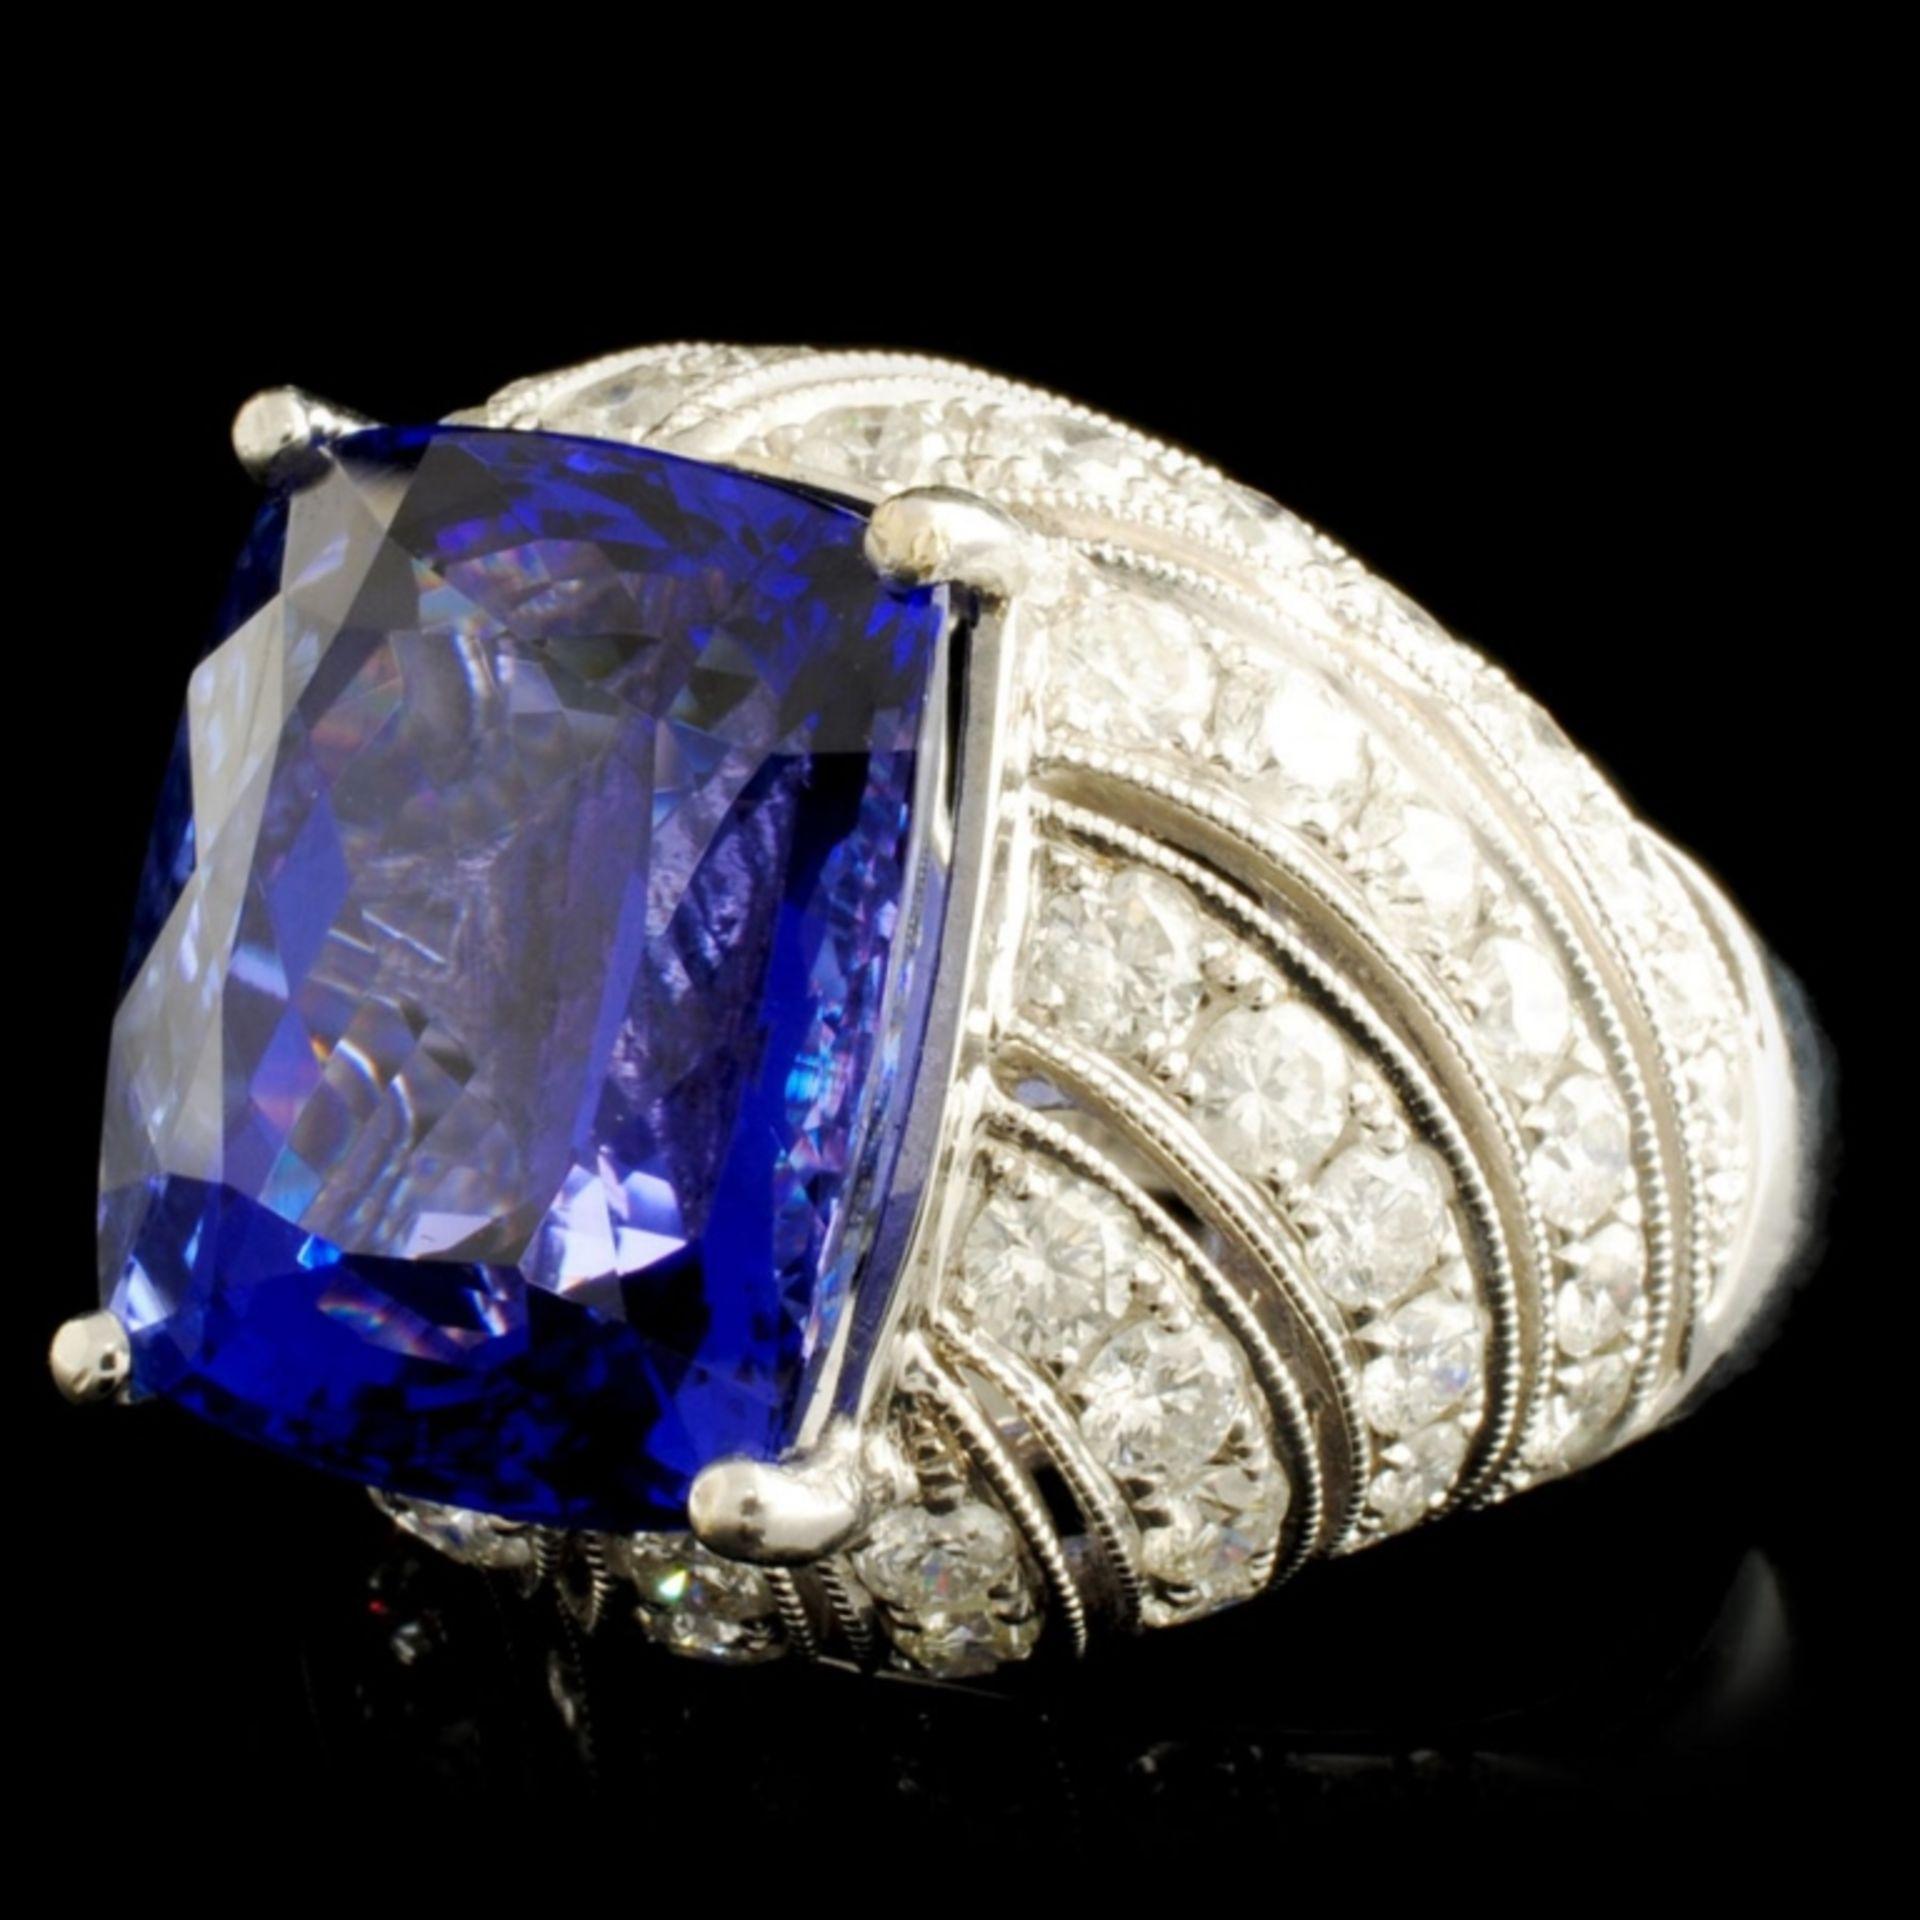 18K Gold 16.72ct Tanzanite & 2.78ctw Diamond Ring - Image 2 of 6